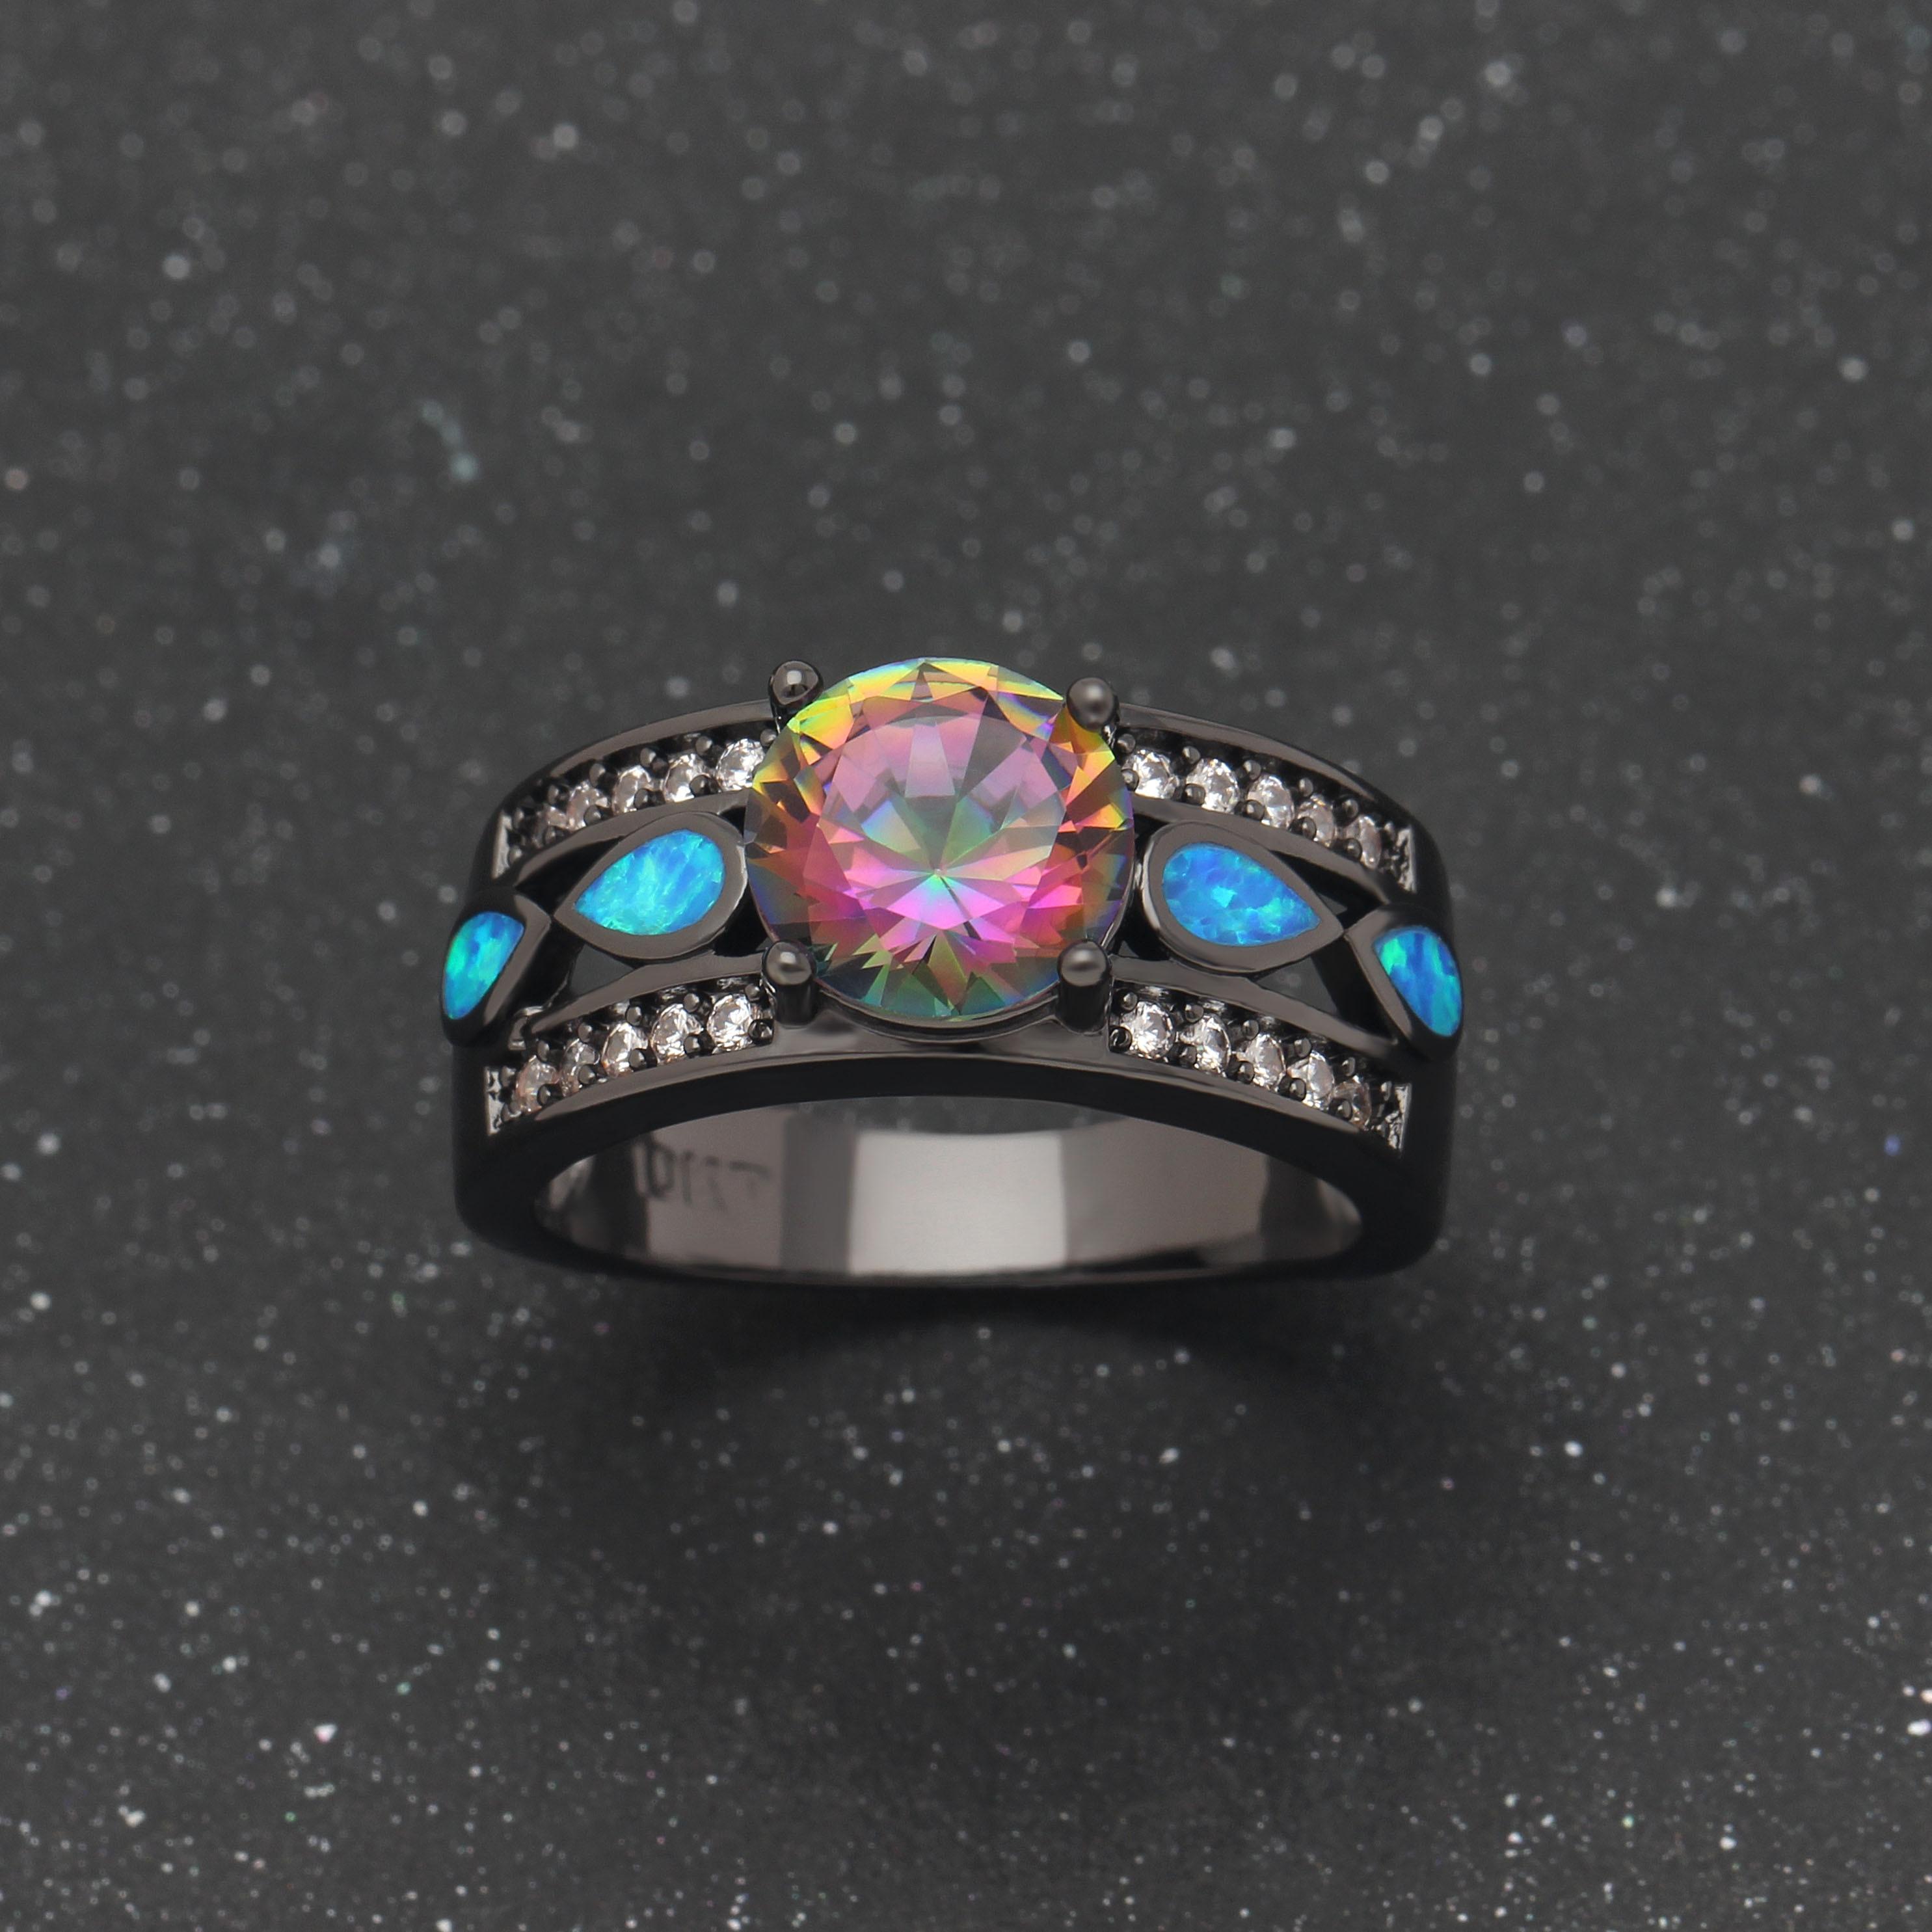 Aliexpress Buy Hainon Luxury Opal Fire Rings Jewelry Women